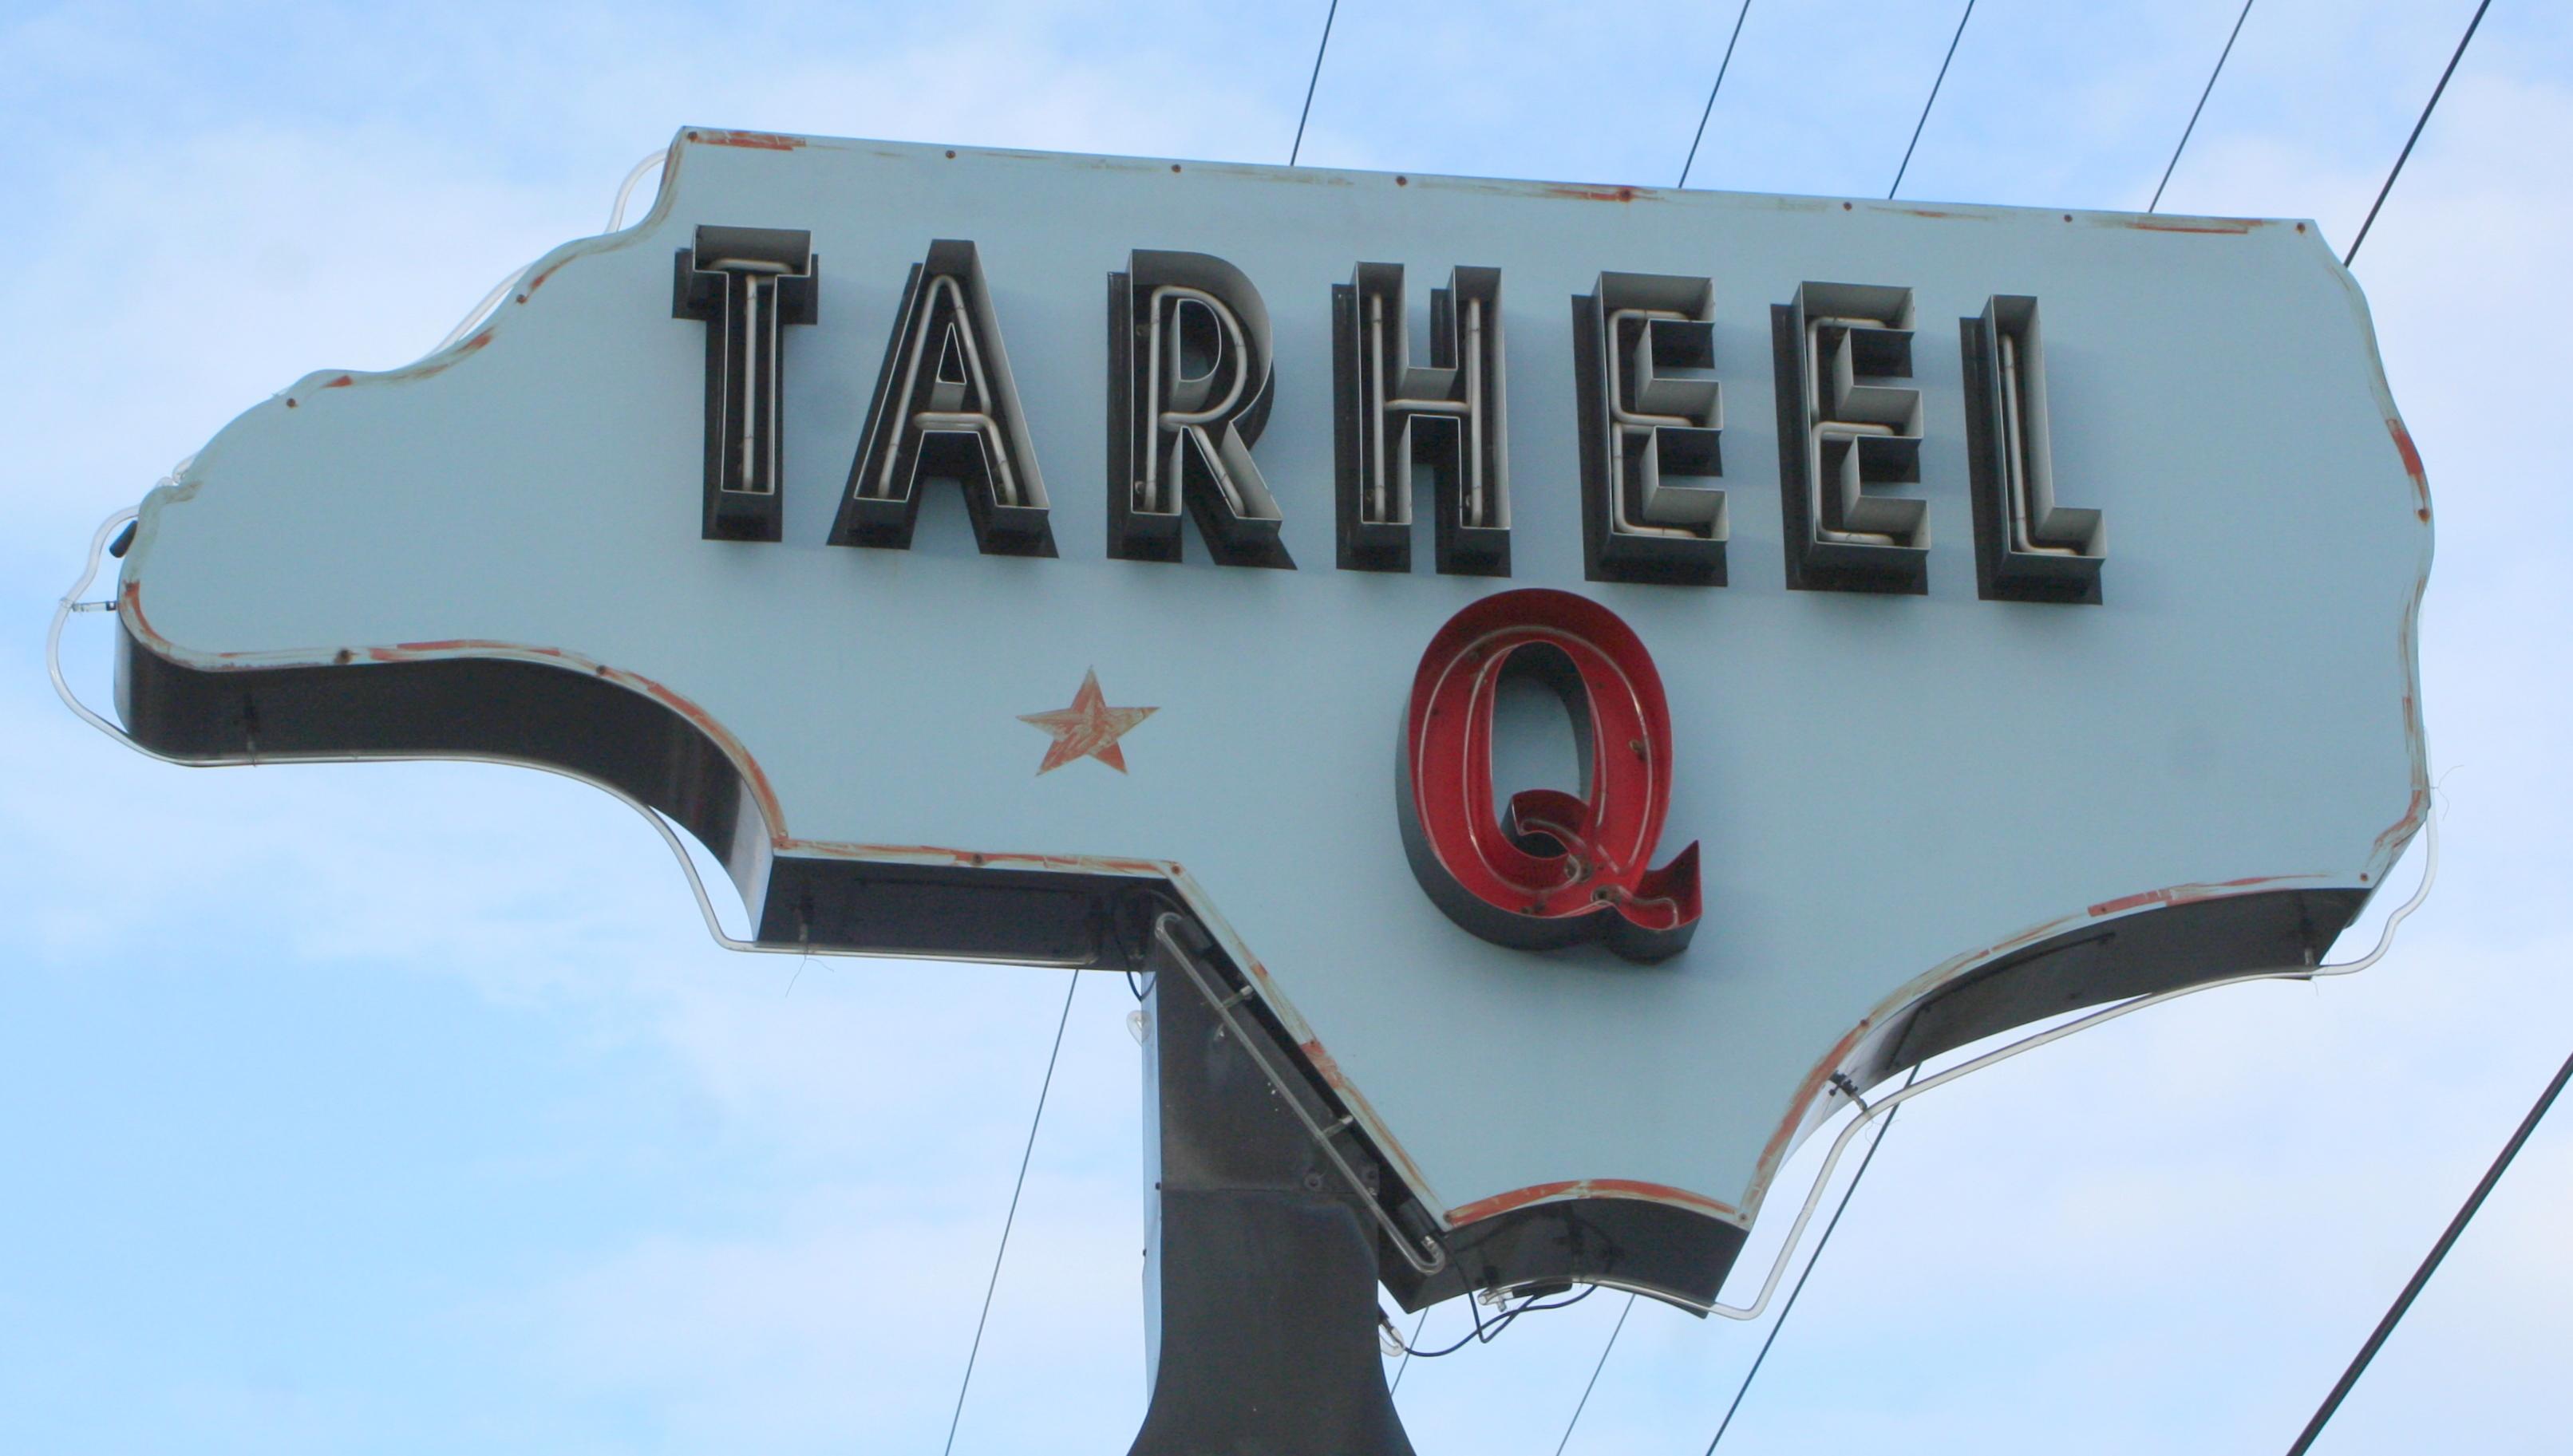 TarHeel Q - 6835 U.S. 64, Lexington, North Carolina U.S.A. - November 6, 2010